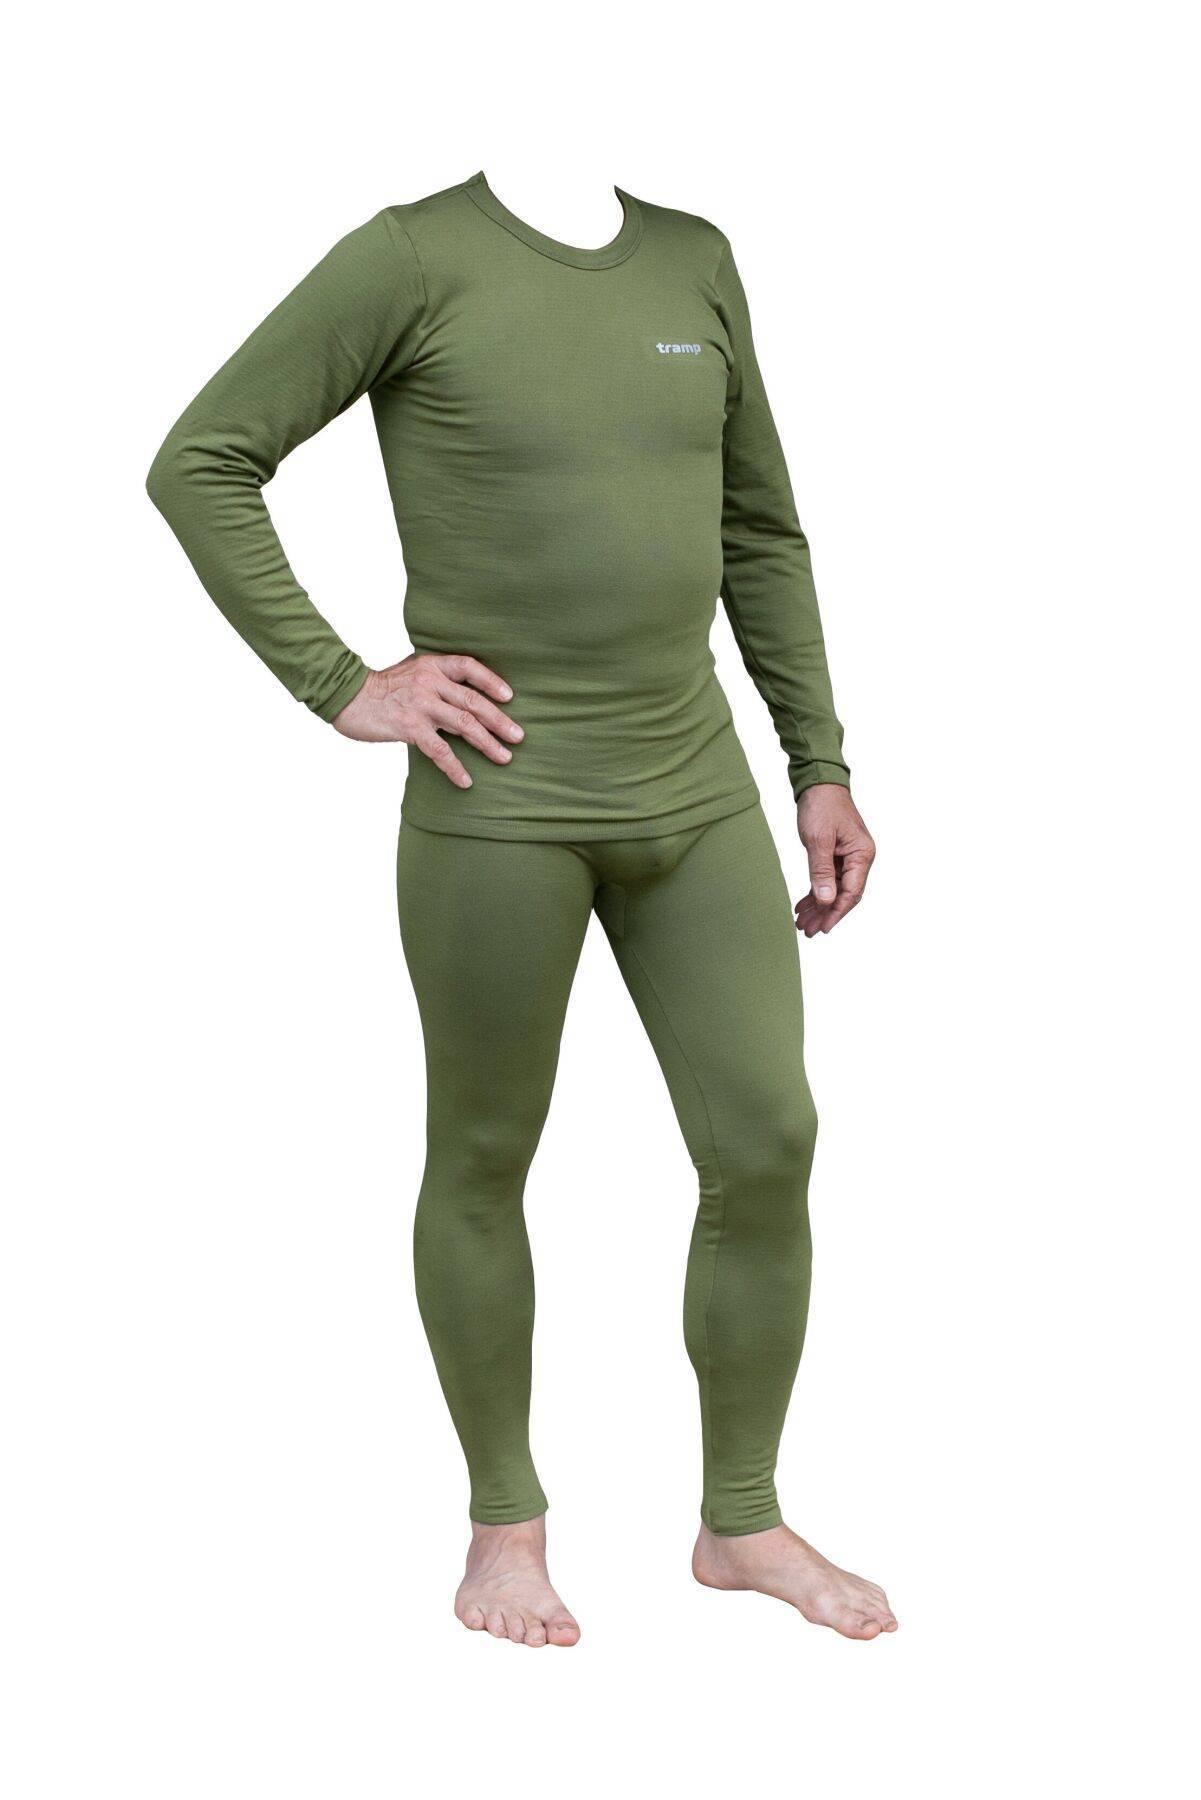 Как выбрать мужское термобелье для холодной погоды? каким должен быть материал? выбираем качество, бренд, размер.